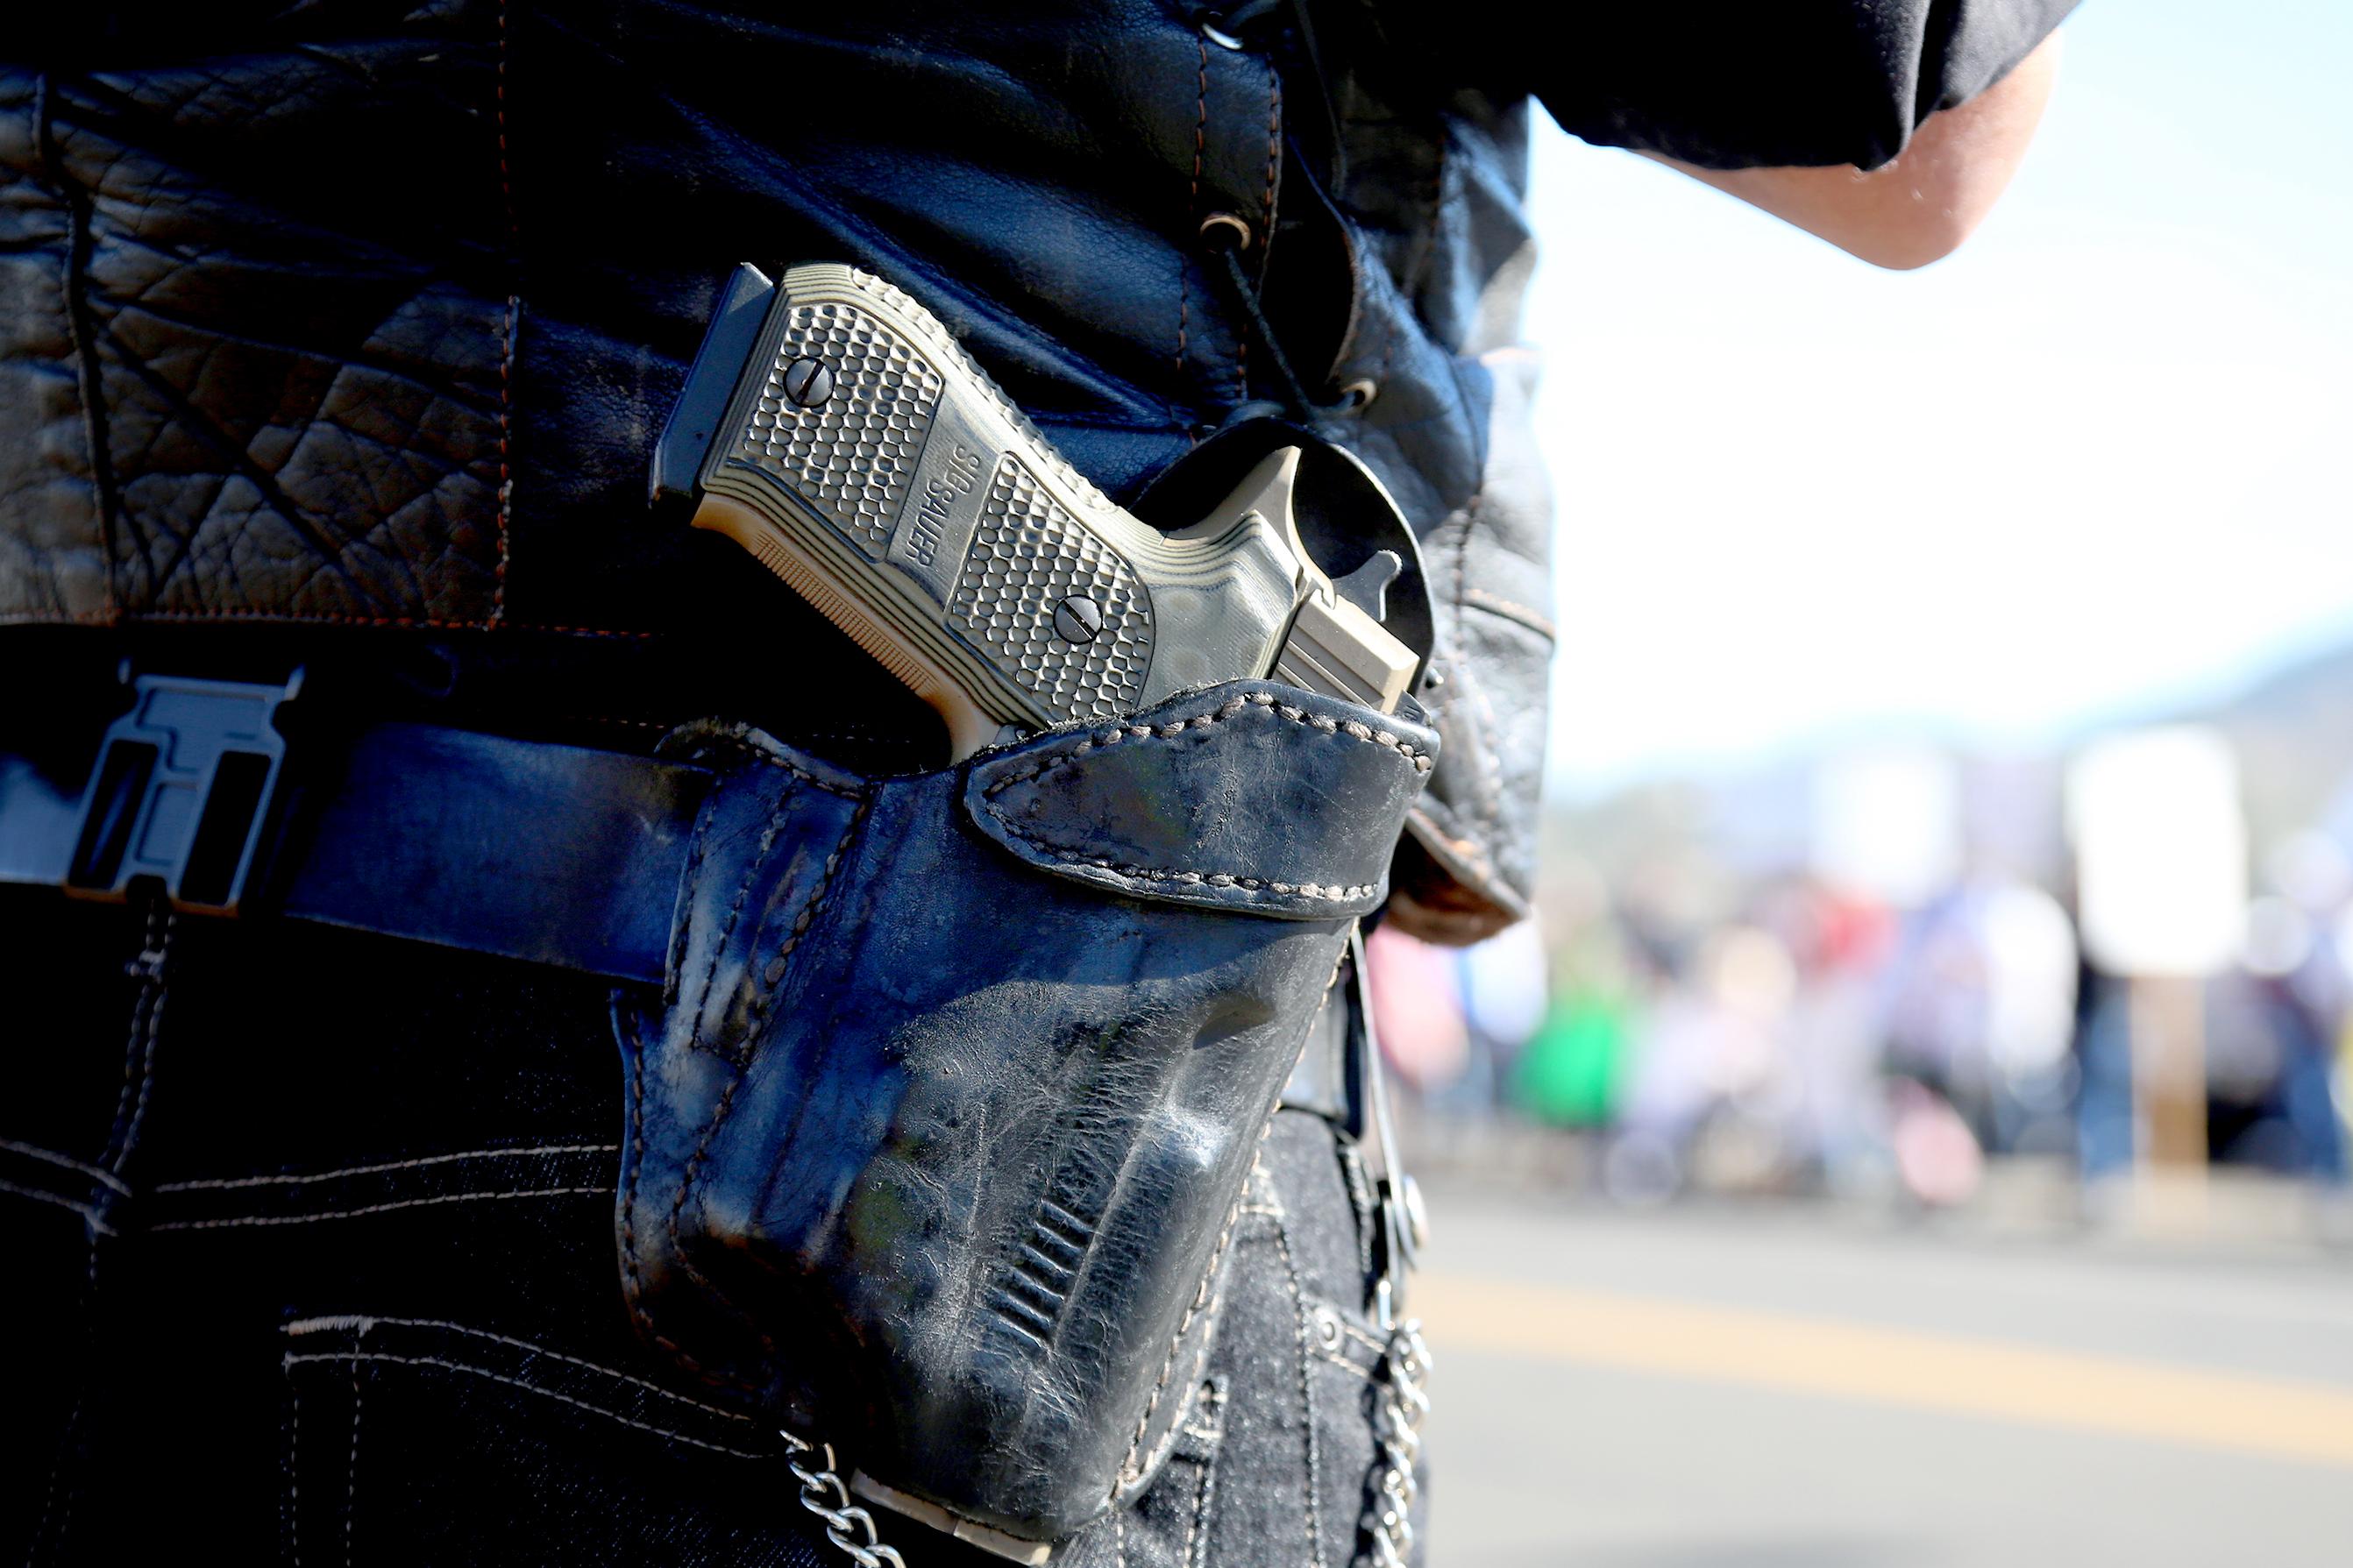 Photo: Gun In Holster